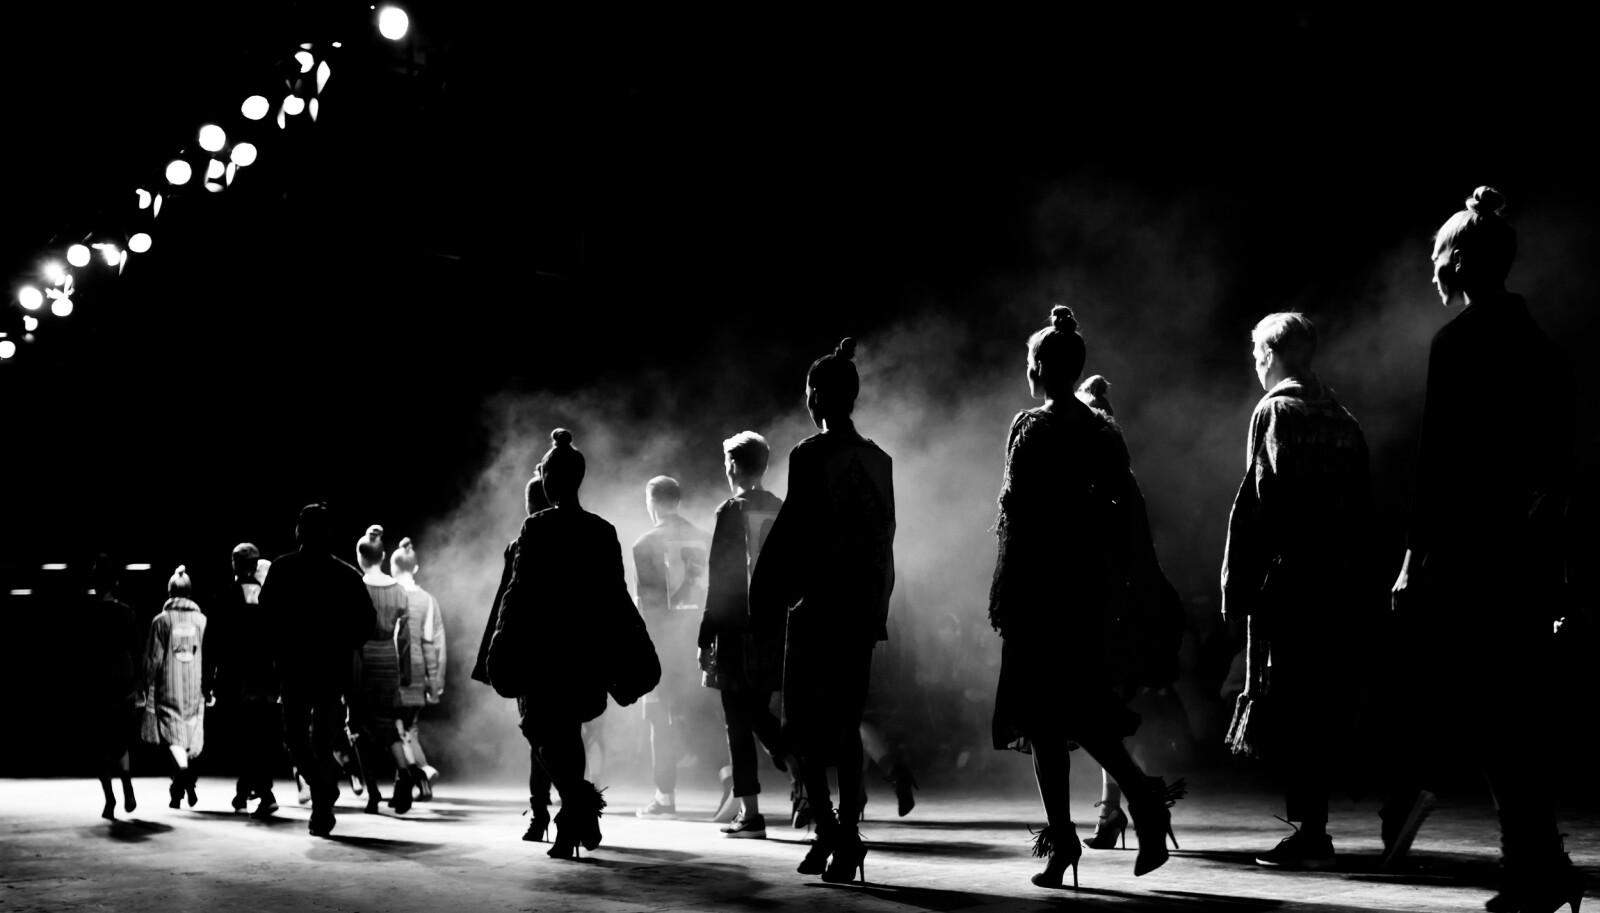 ENDRINGER PÅ GANG: Gucci er blant designerne som velger å gjøre store endringer for merket sitt, men hva er planen for de norske moteaktørene framover? Foto: NTB Scanpix